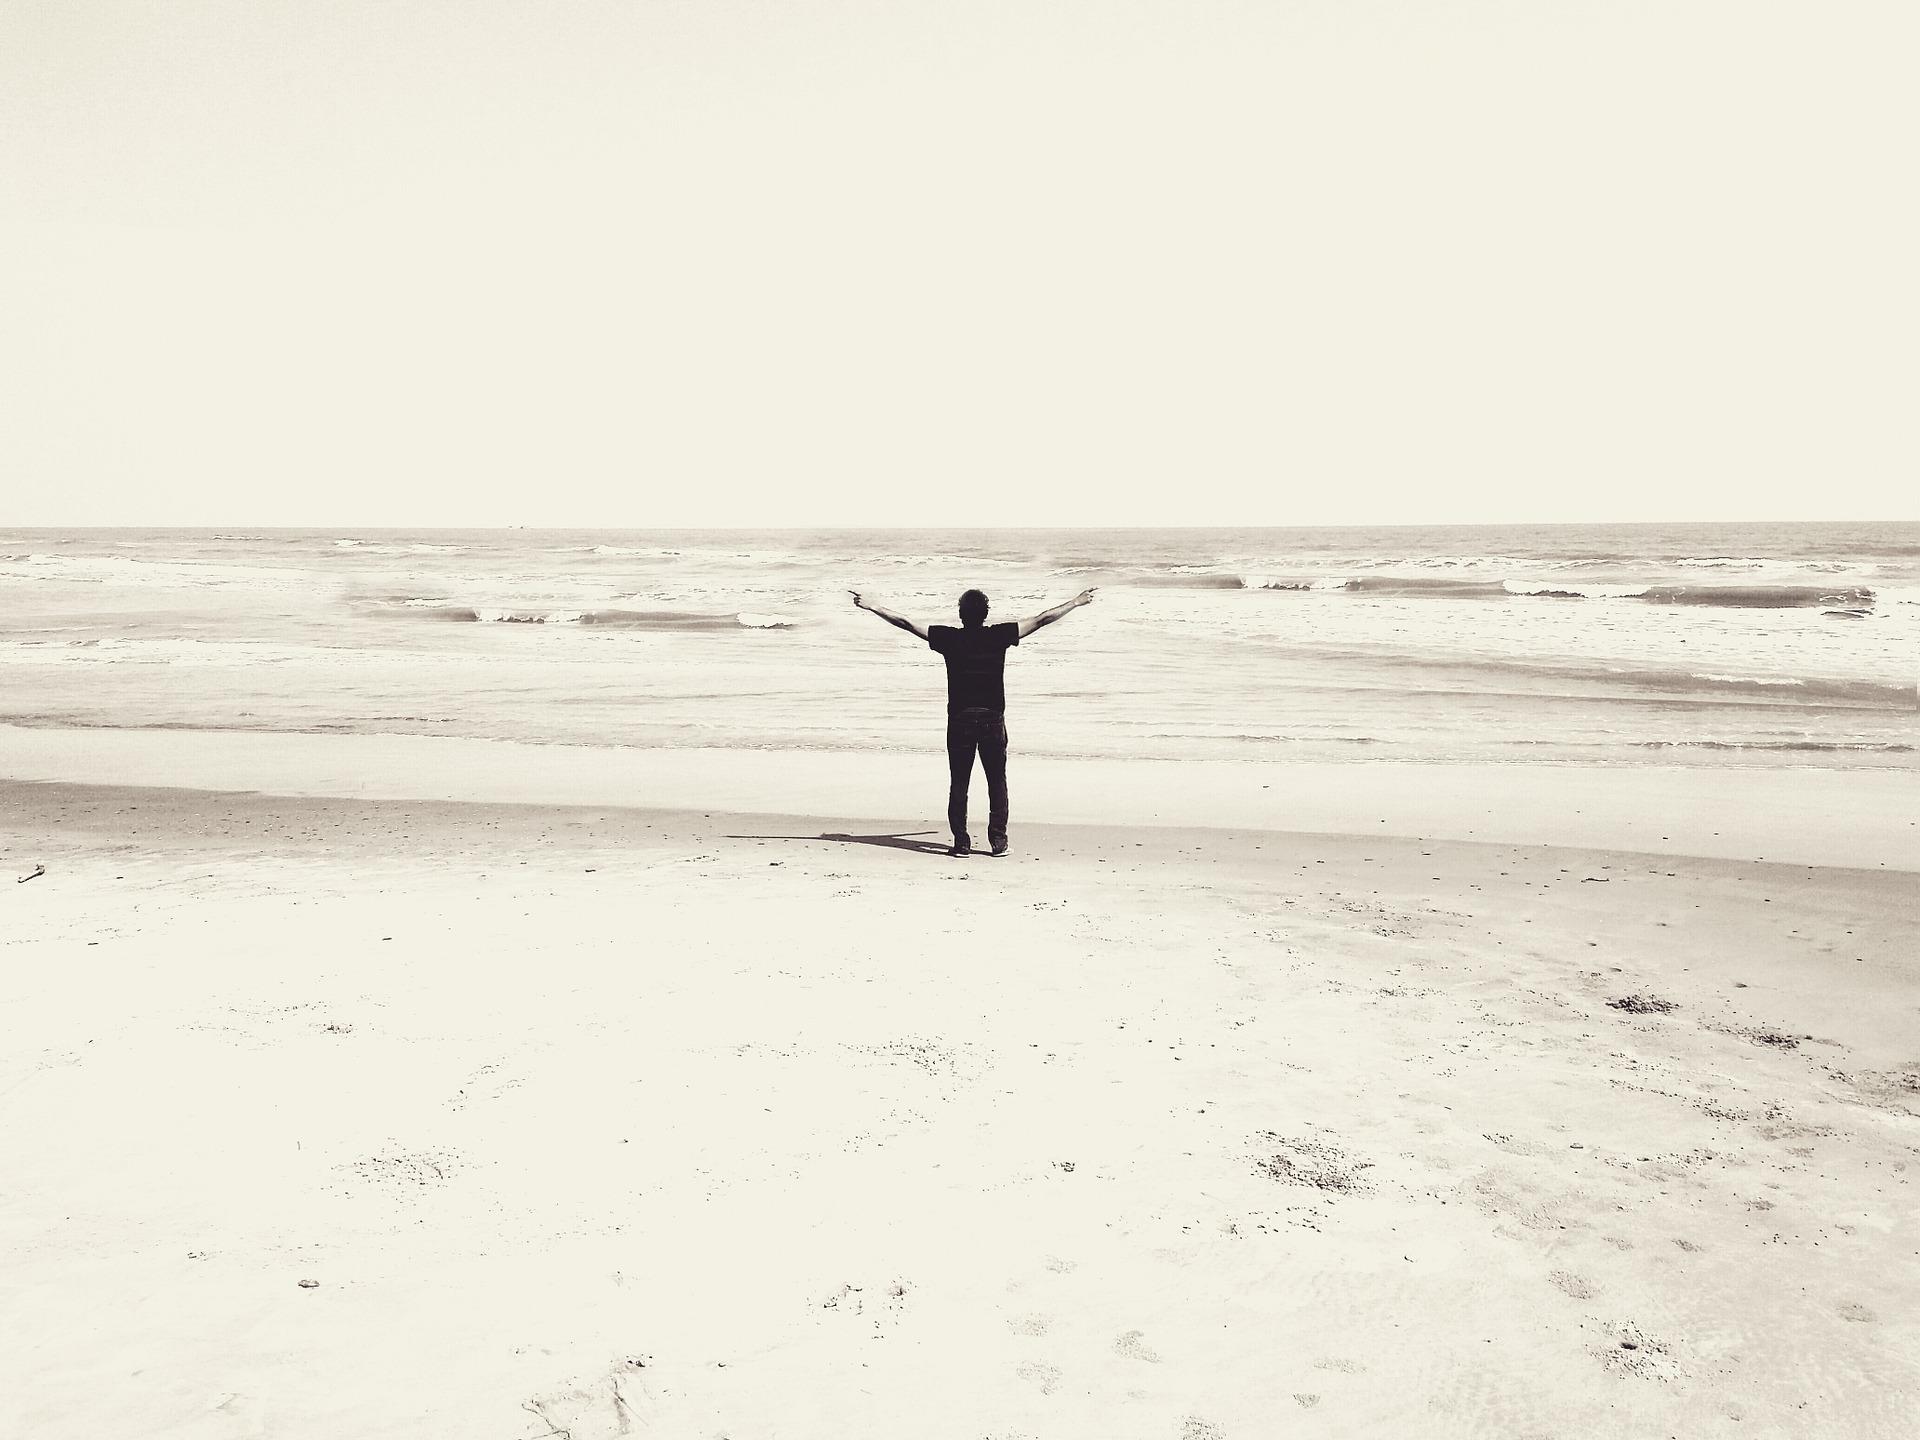 beach-1223694_1920.jpg